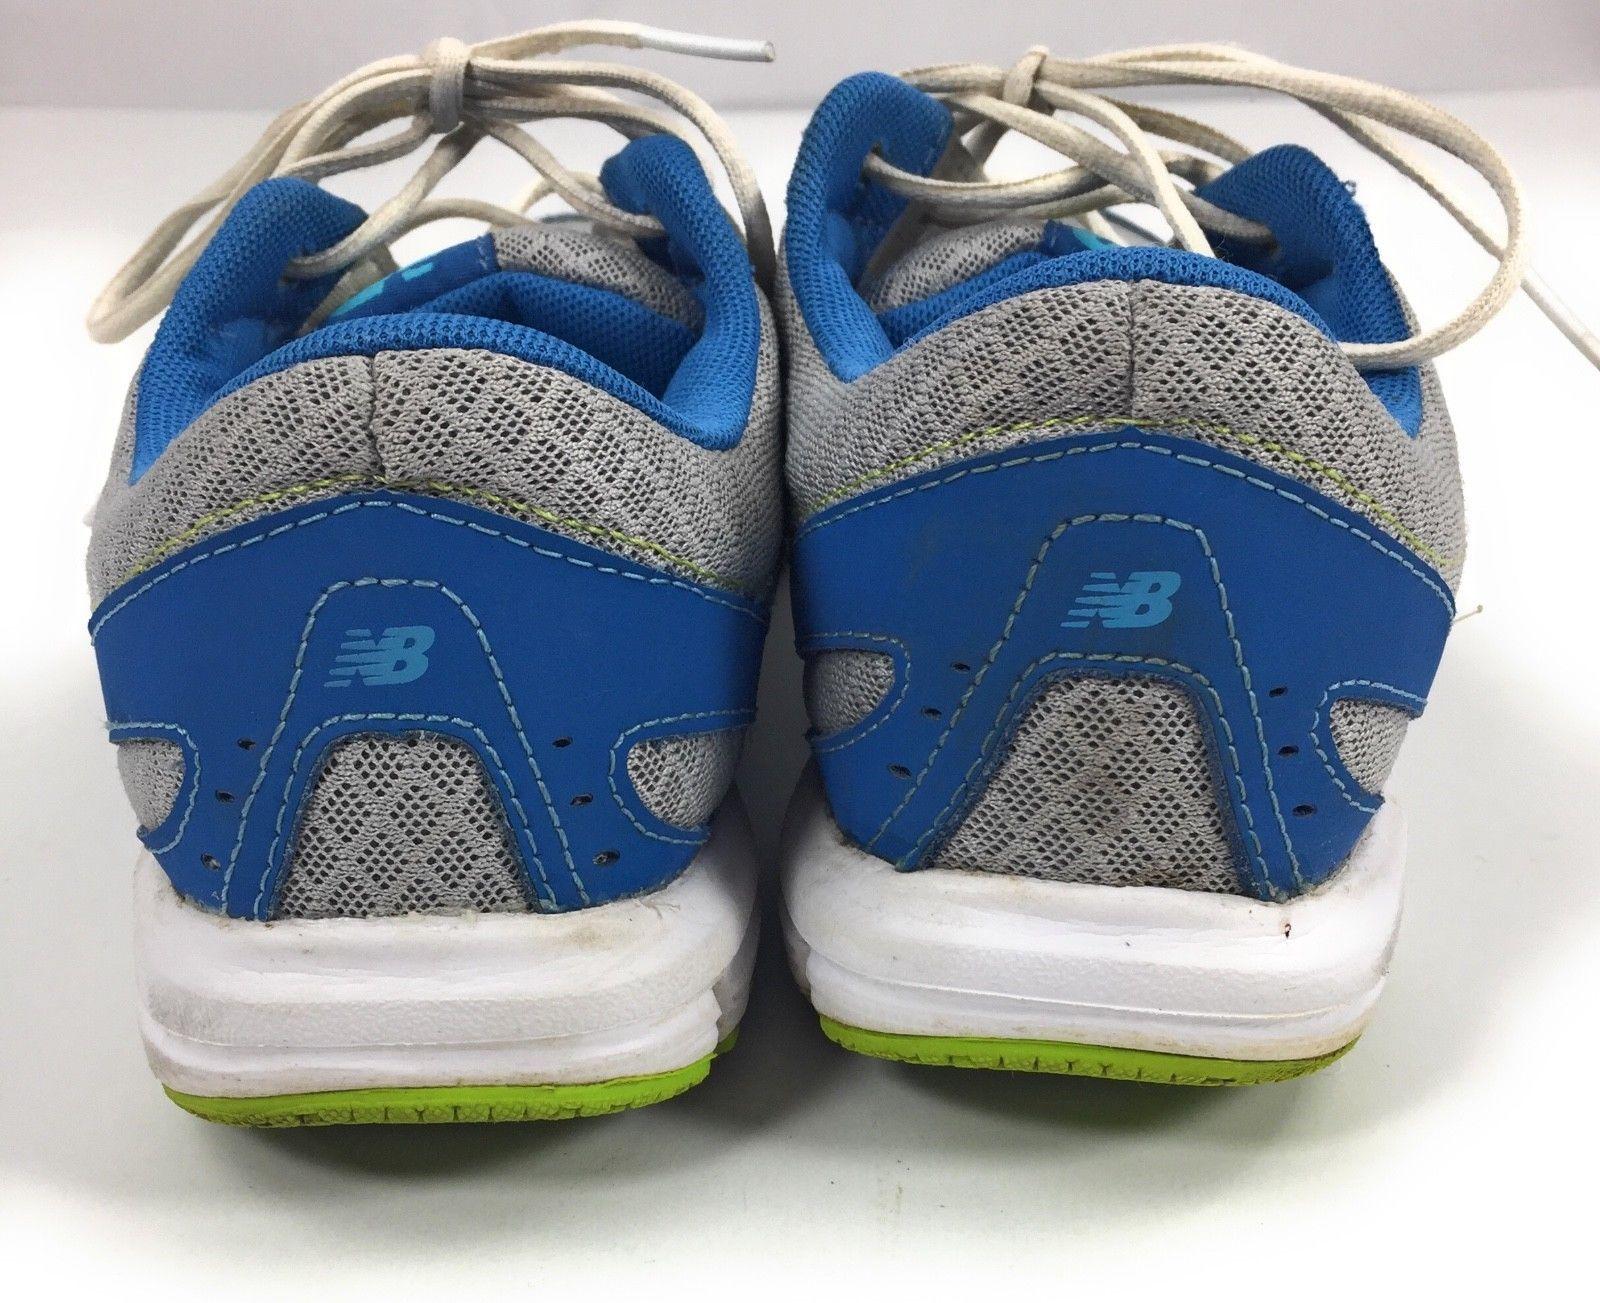 New Balance 550 v3 WE550BG3 Blue Lime Green Running Shoes Women's 9.5 B image 5